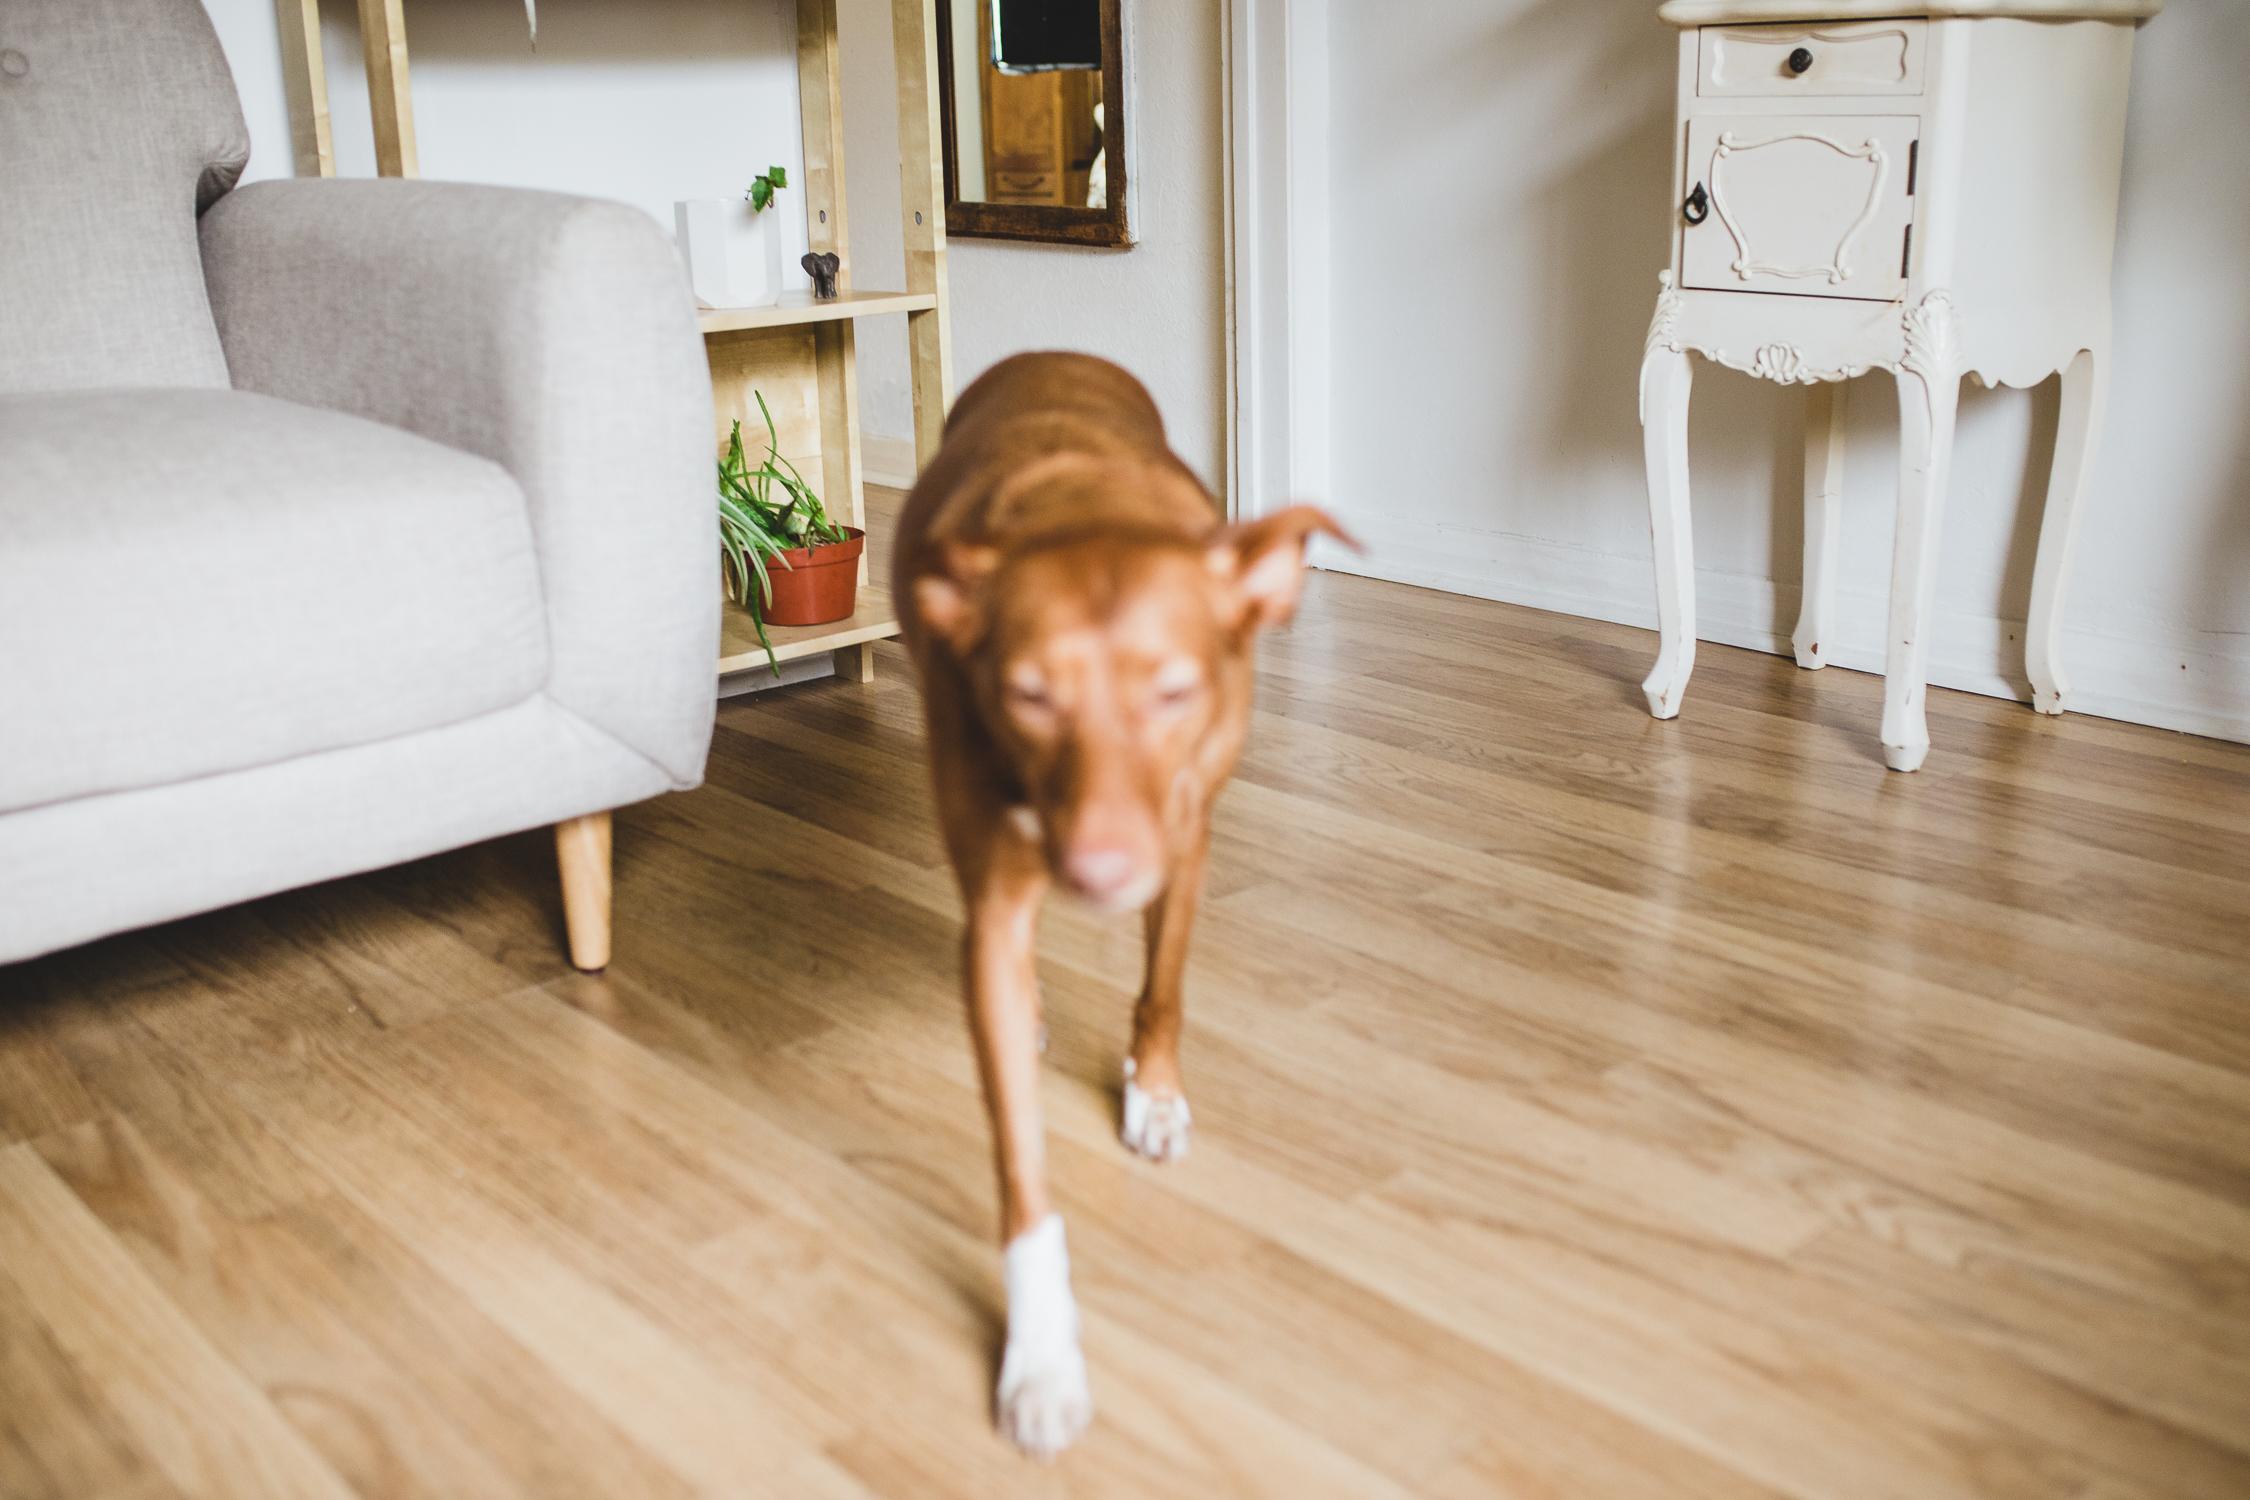 Lovely Dog posing